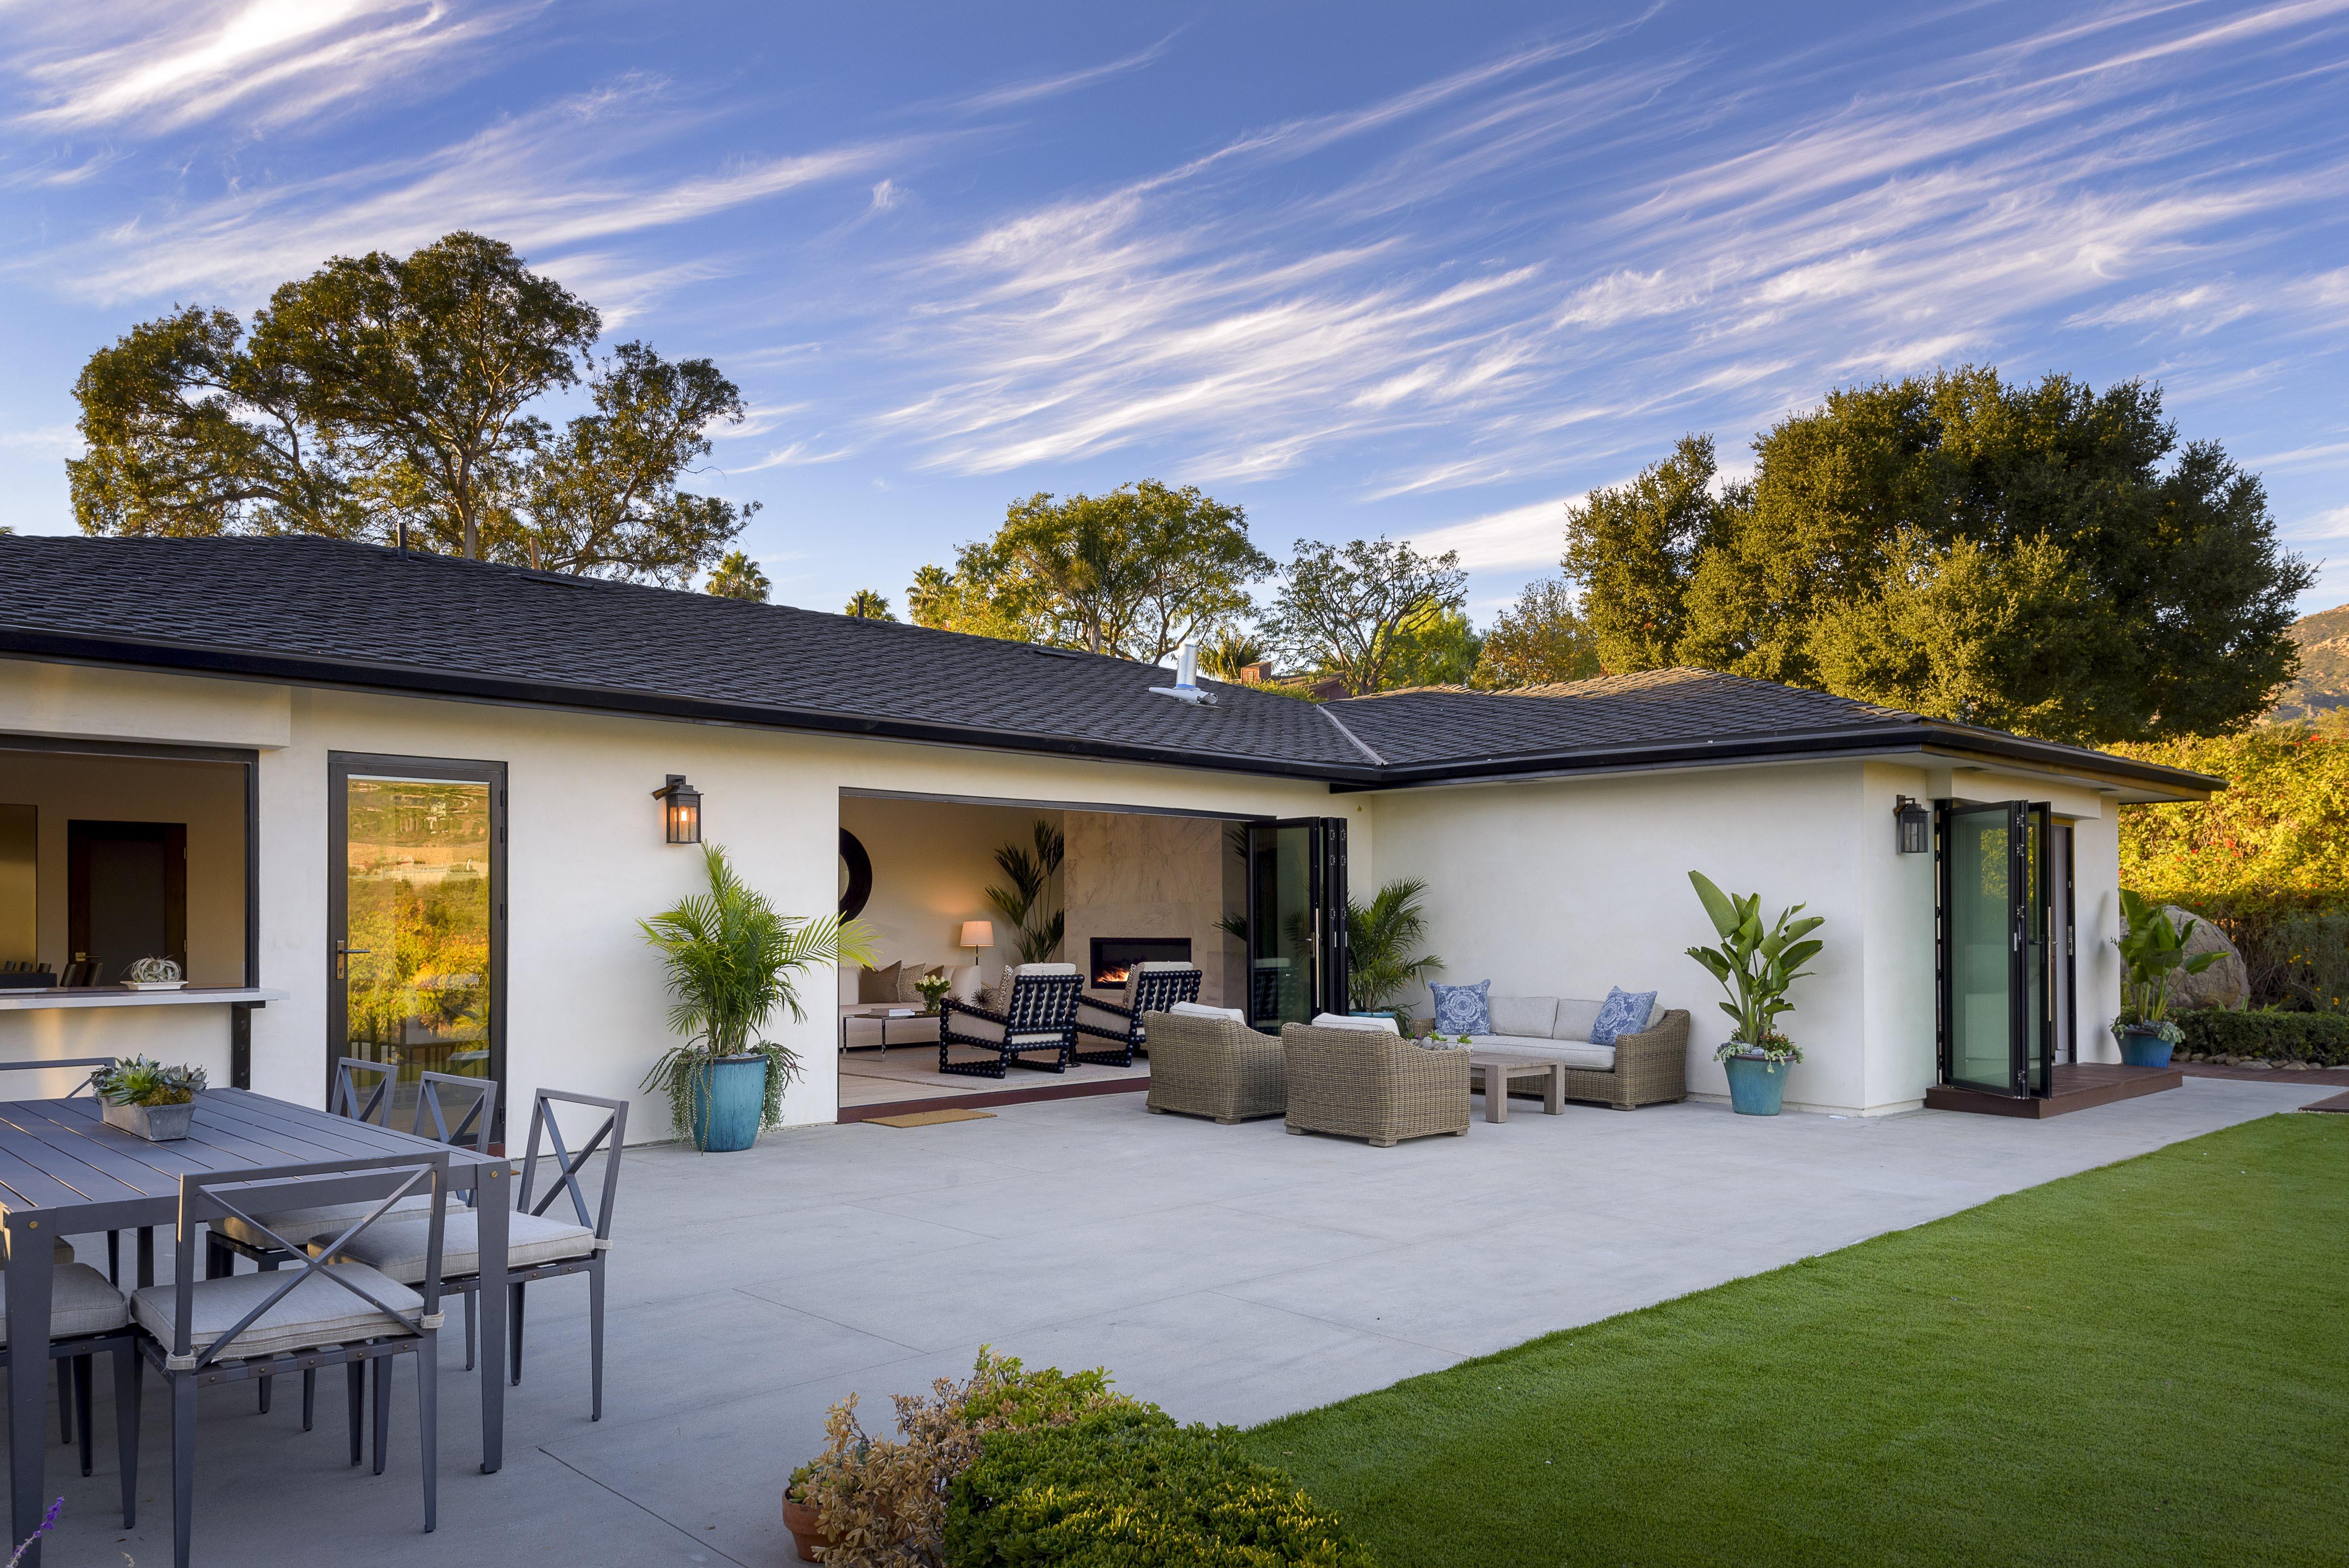 This Santa Barbara Stunner Is Nailing Indoor/Outdoor